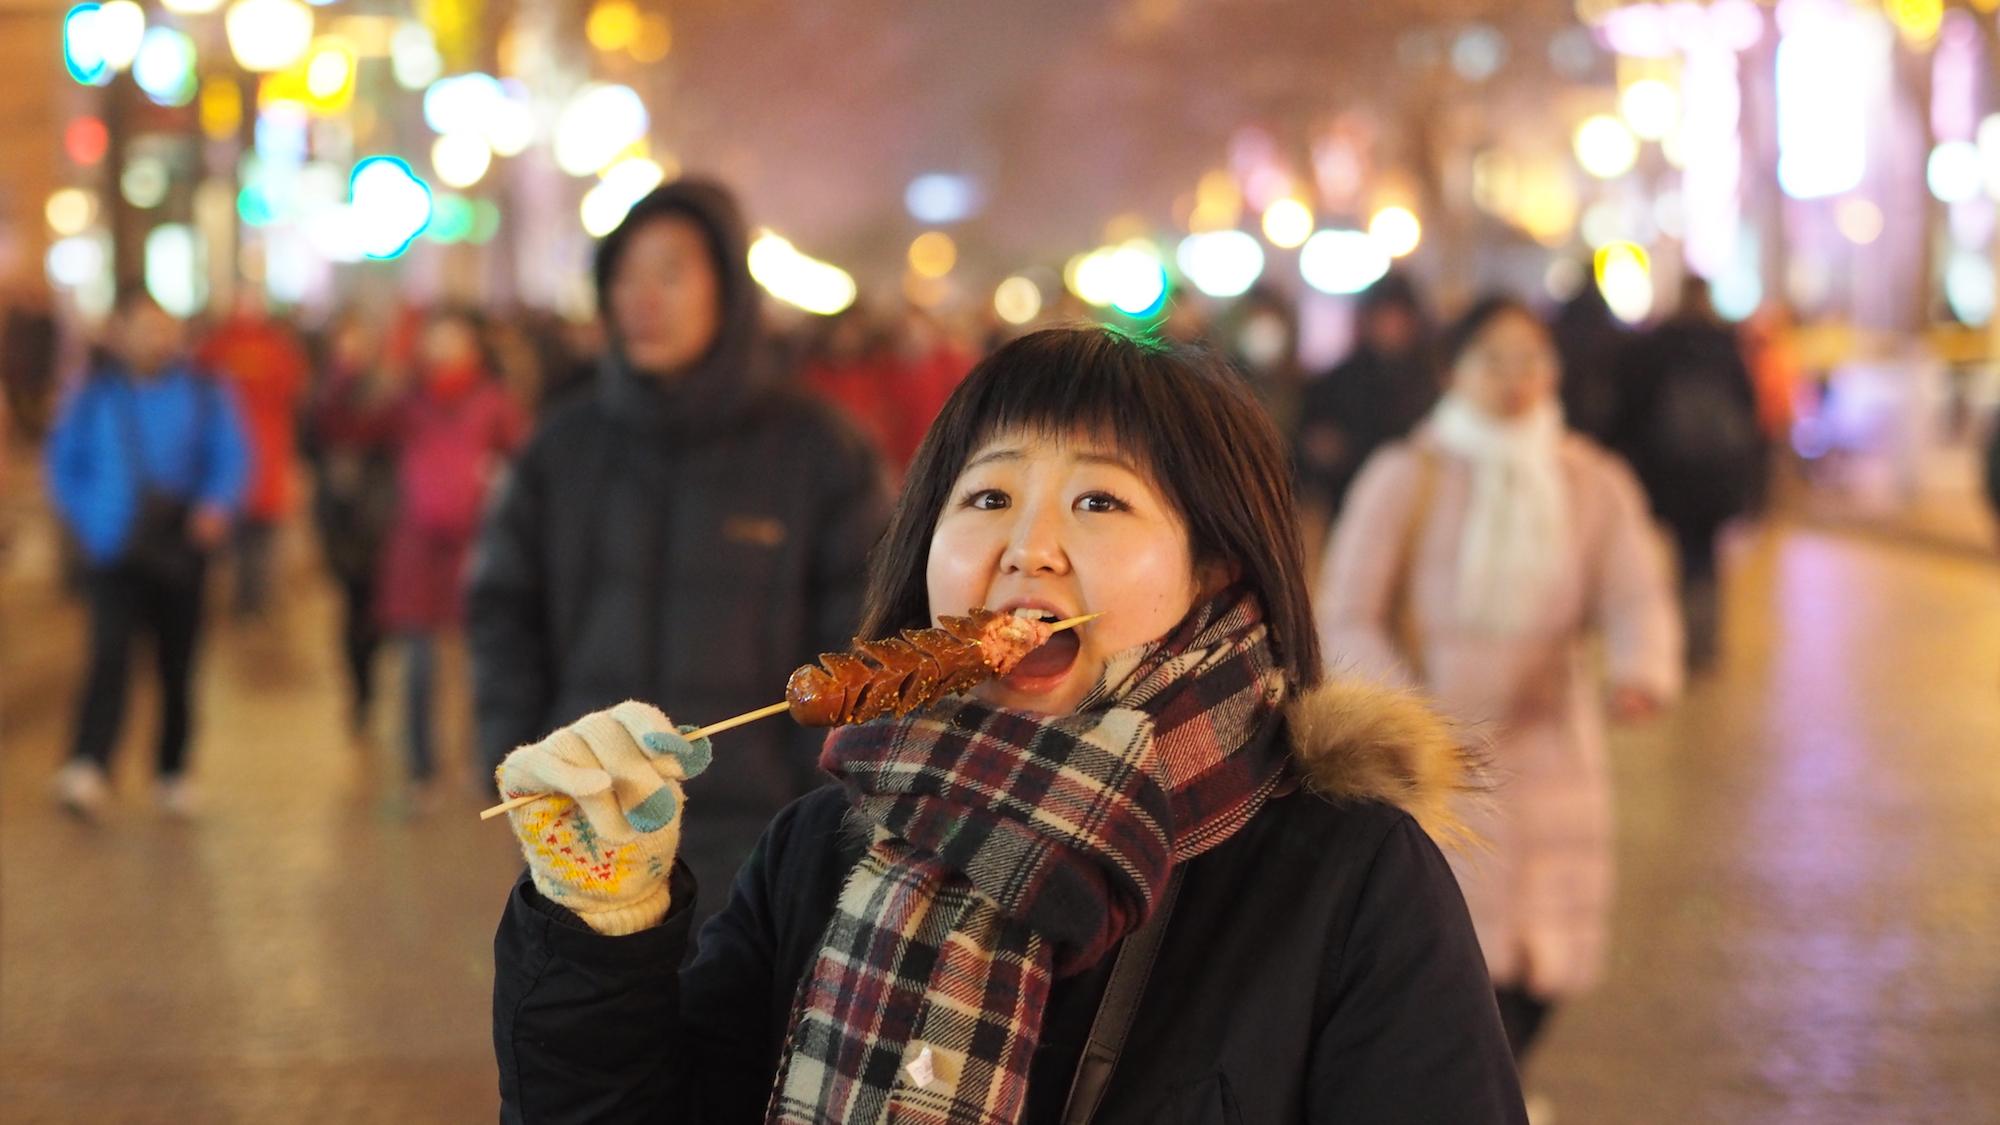 札幌雪まつりも良いけど、ハルビン氷祭りも忘れないであげてください